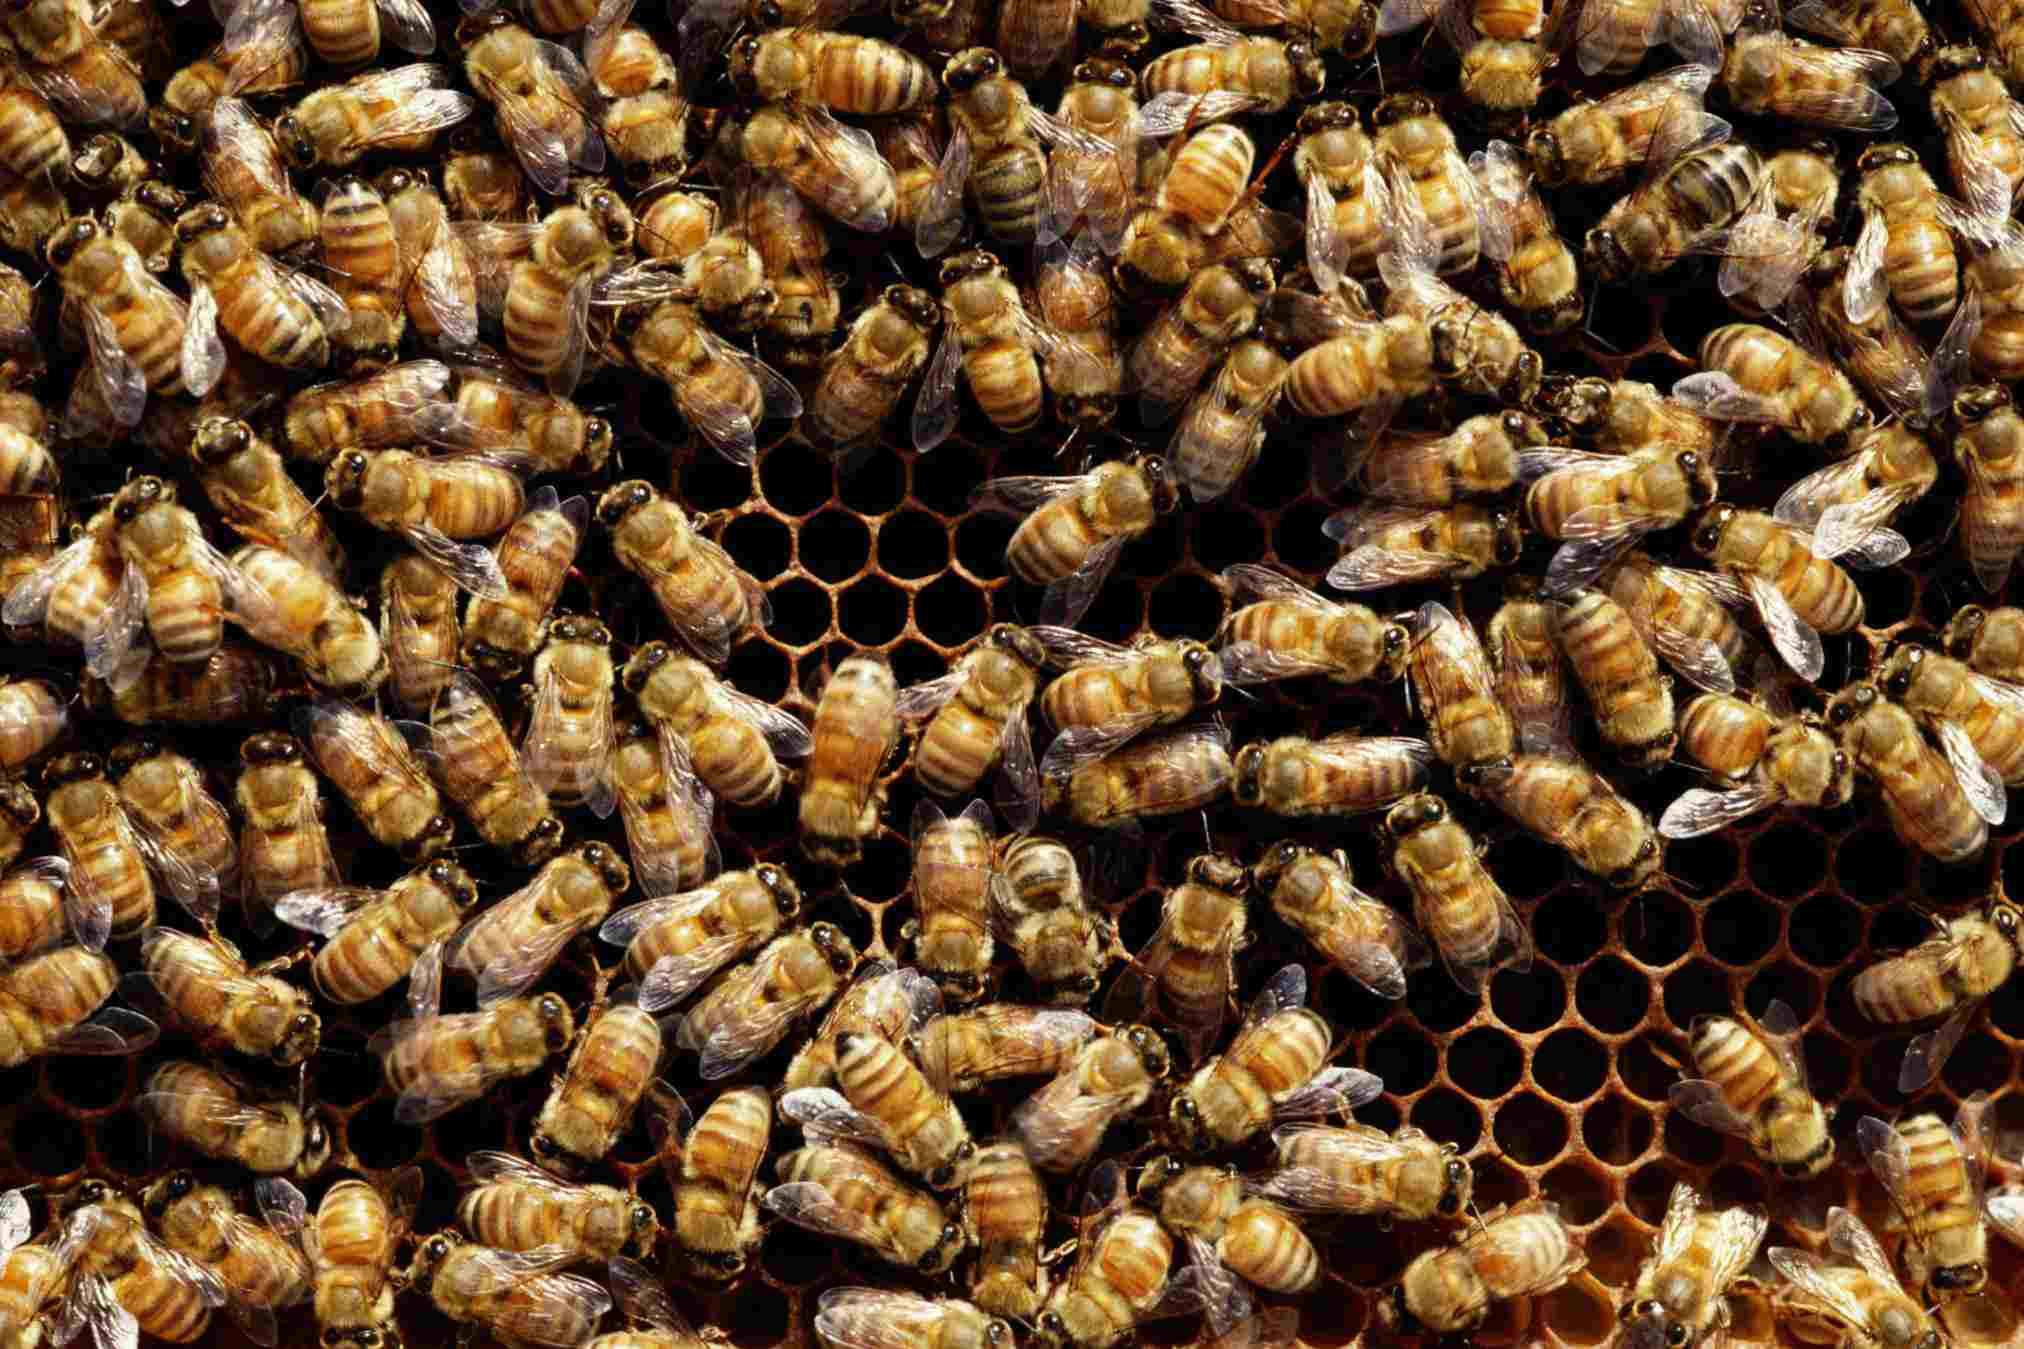 Honey bees (Hymenoptera) on honeycomb